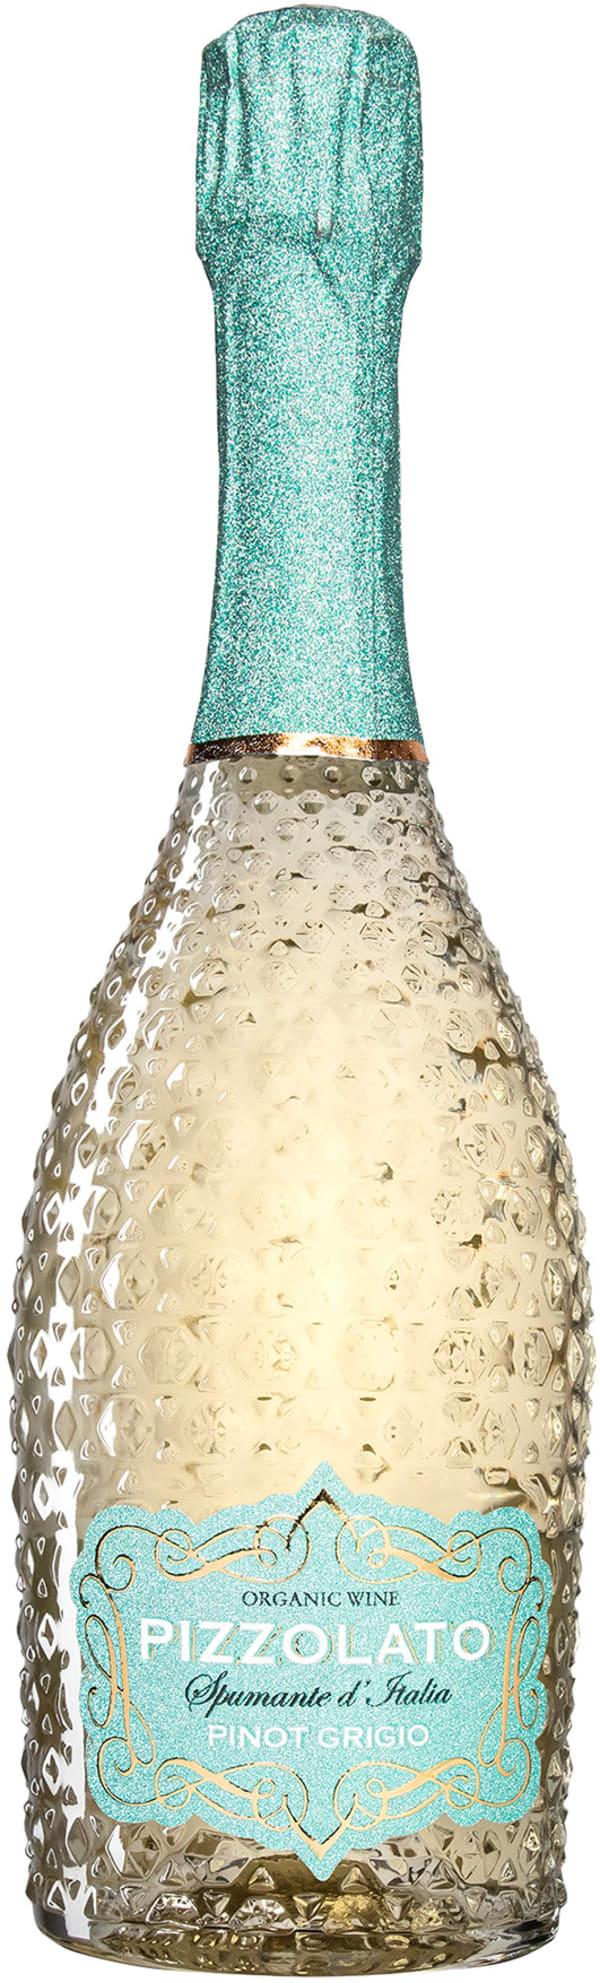 Pizzolato Spumante Organic Pinot Grigio Extra Dry 2019